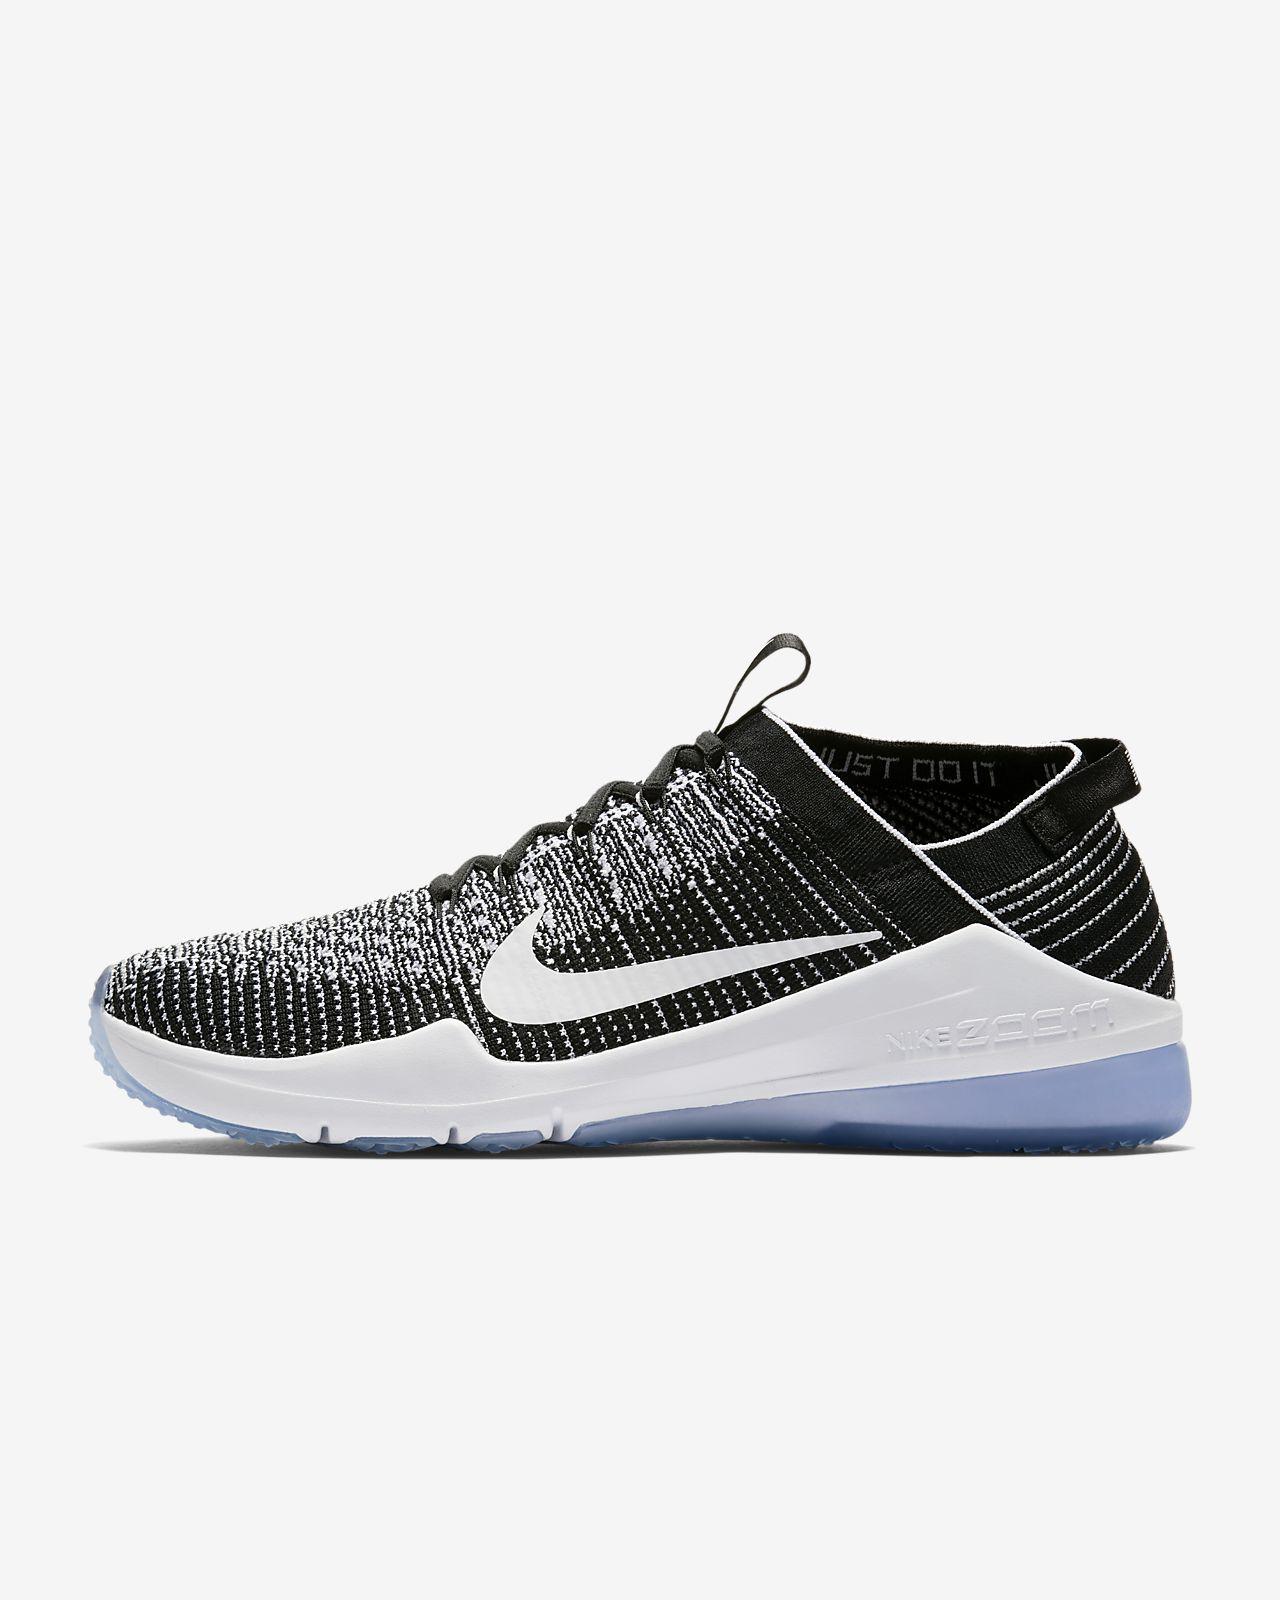 Nike Flyknit Zoom Agility | Damskie | F54Gk [Buty Damskie